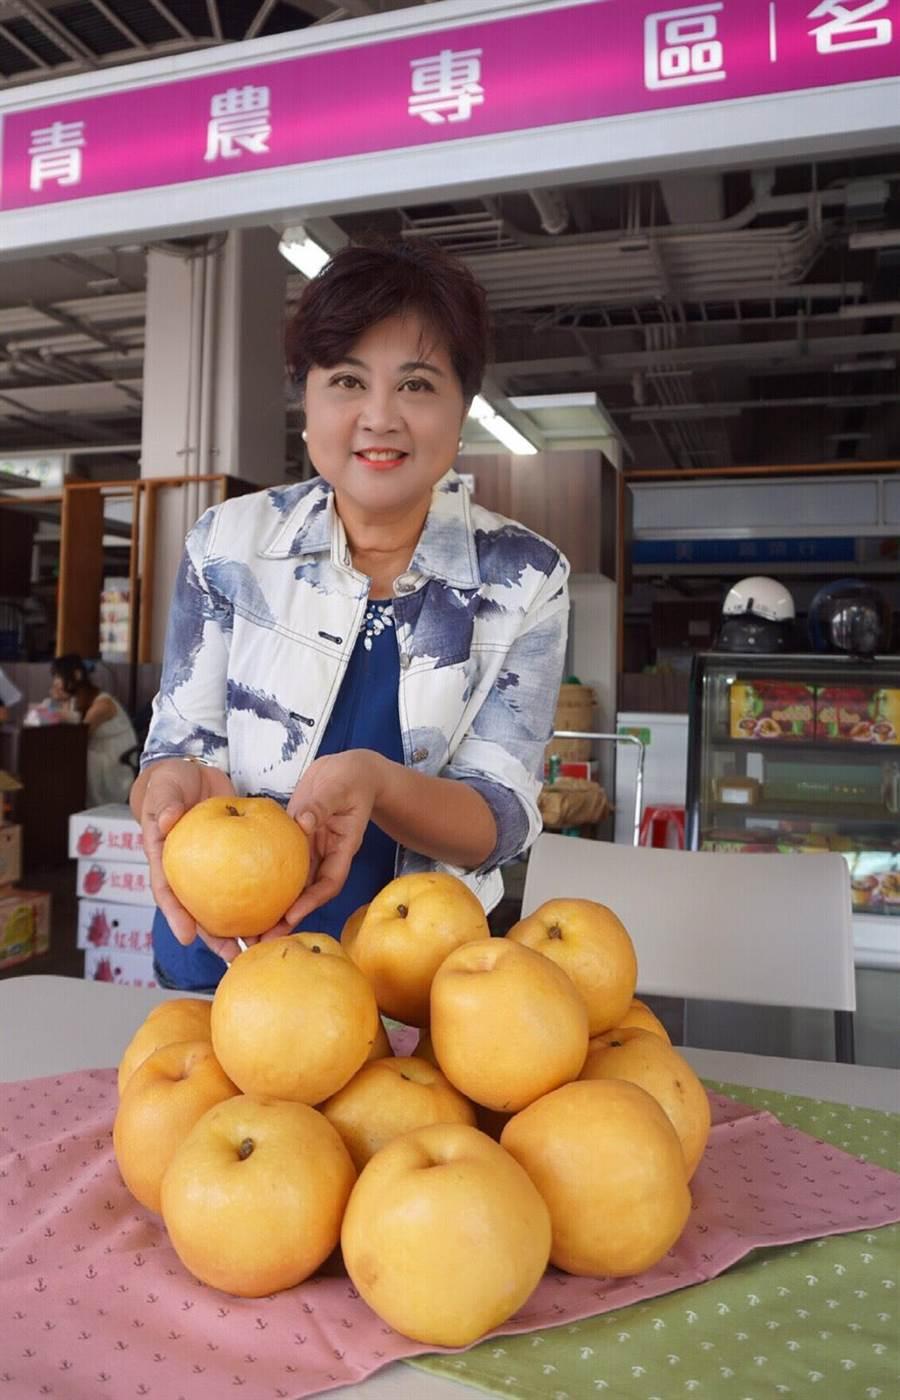 新北市果菜運銷股份有限公司將於9月23日舉辦「水梨展售會」銷售新世紀梨及新興梨。(葉書宏翻攝)